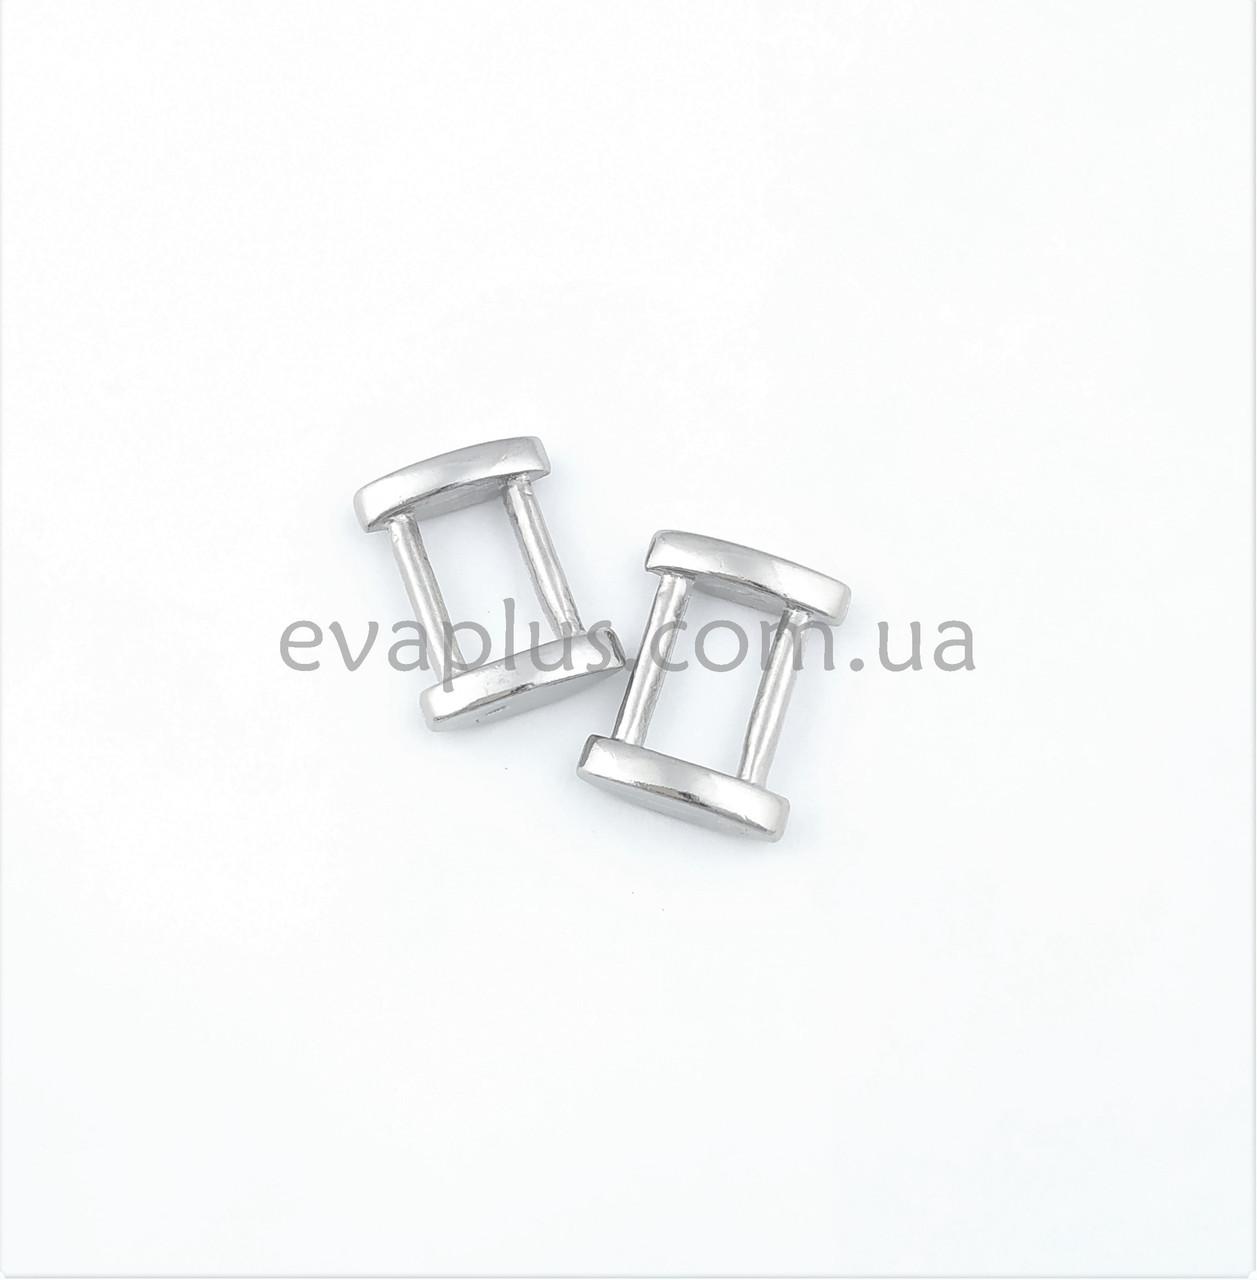 Рамка 12 мм. Т4276 никель